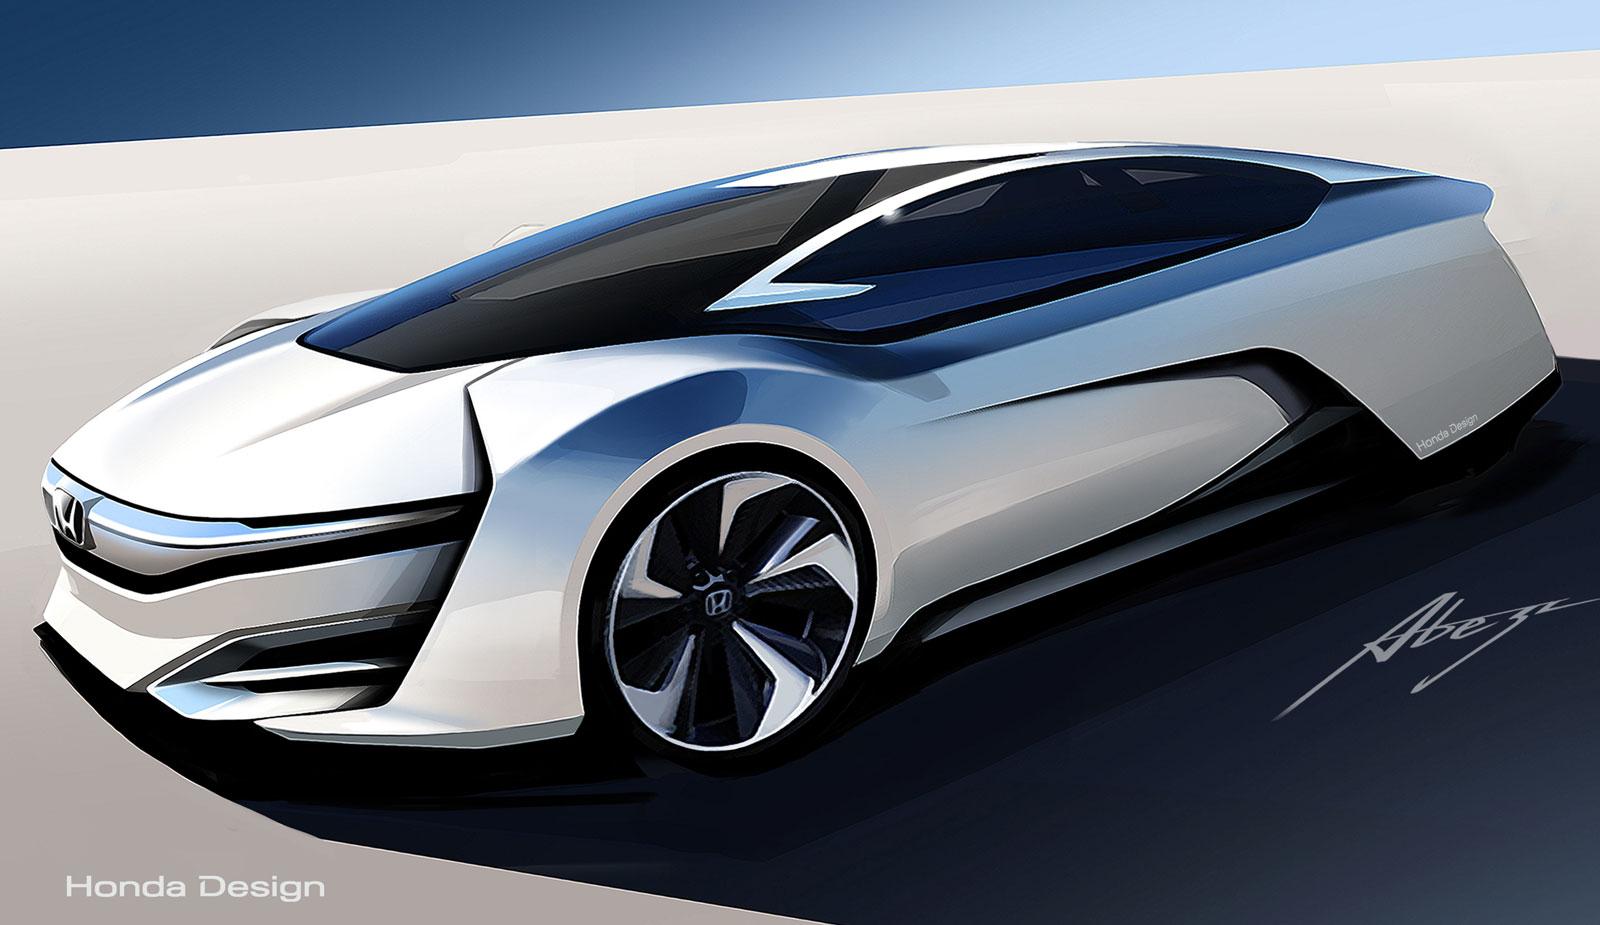 Honda FCEV Concept Design Sketch - Car Body Design